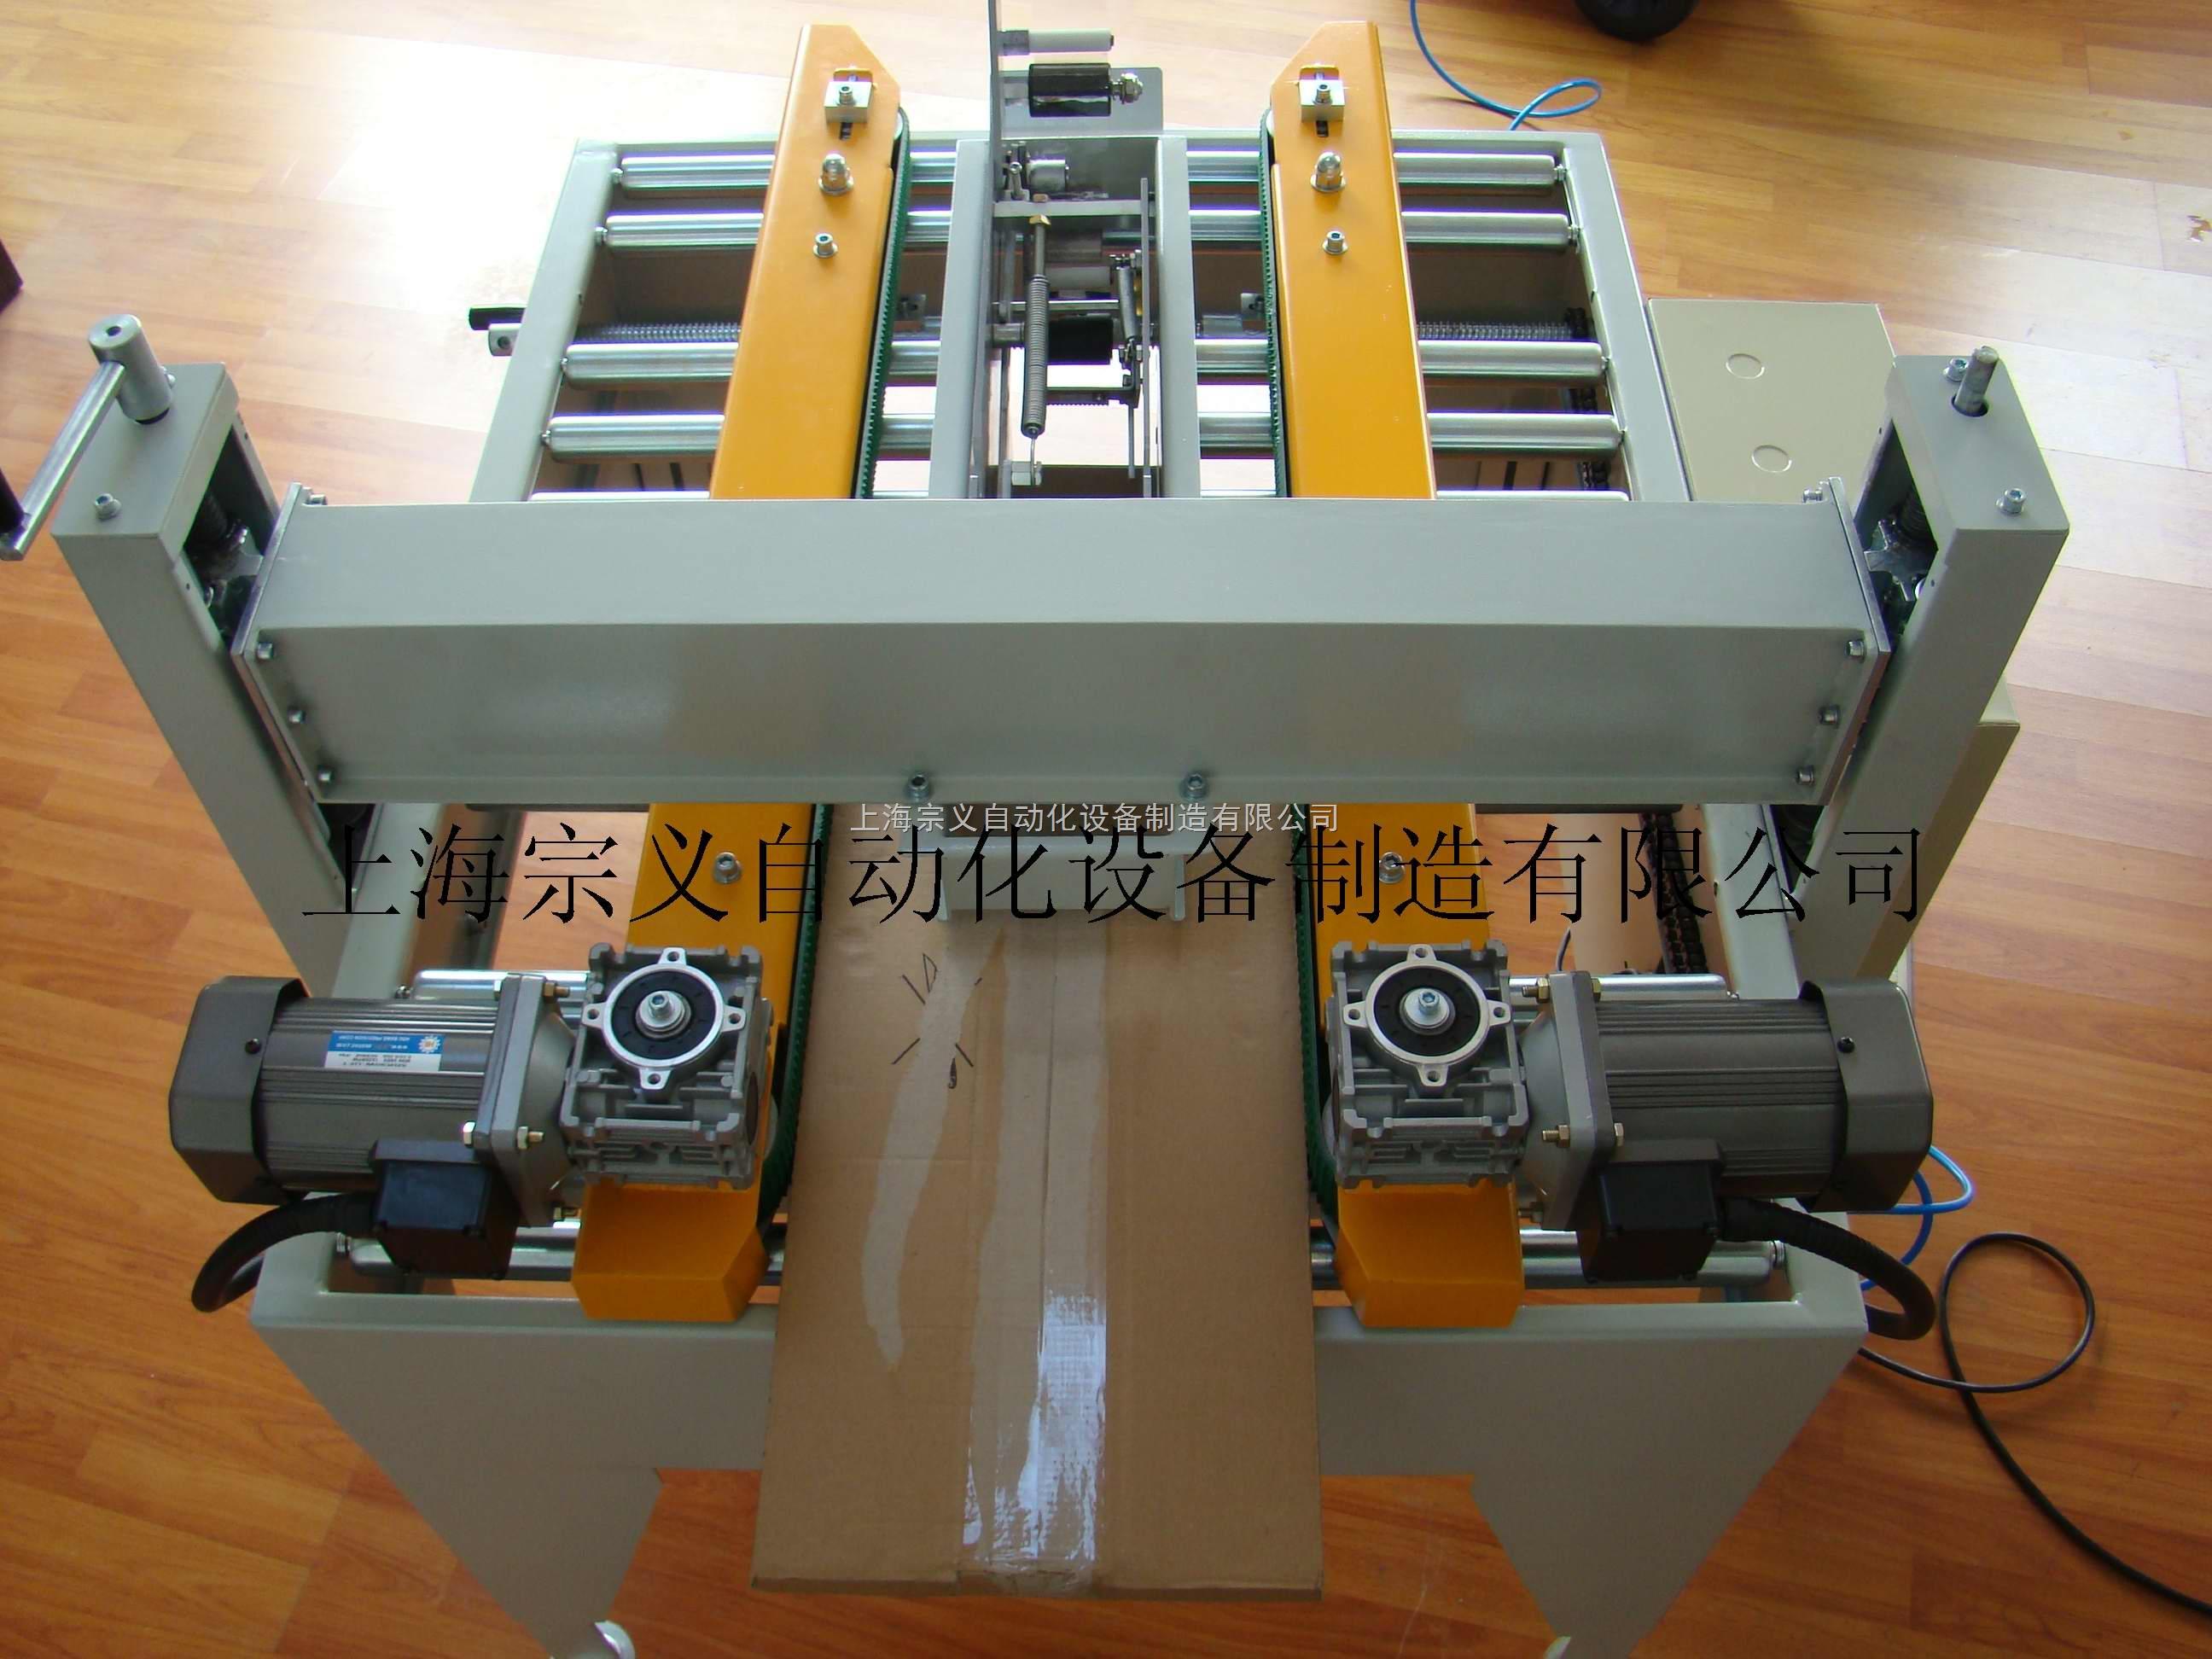 本机特点 1、轻巧耐用,操作简便,无噪音 2、换规格调整时间为1.2分钟 3、采用台湾CE认证品牌电机,总功率为240瓦,可24小时连续生产无故障 4、关键部位采用胎模具及激光切割而成 5、可调丝杠采用数控车床加工而成 6、标准机,零件随时供应 7、可根据用户要求非标定做 技术参数 1、型 号:ZYFA-05T 2、适用纸箱:(L)150-(W)150-600(H)20-30mm 3、台面高度: 最小650mm,最大800mm 4、封箱速度:600-900箱/小时 5、机械尺寸:(L)1000(W)940